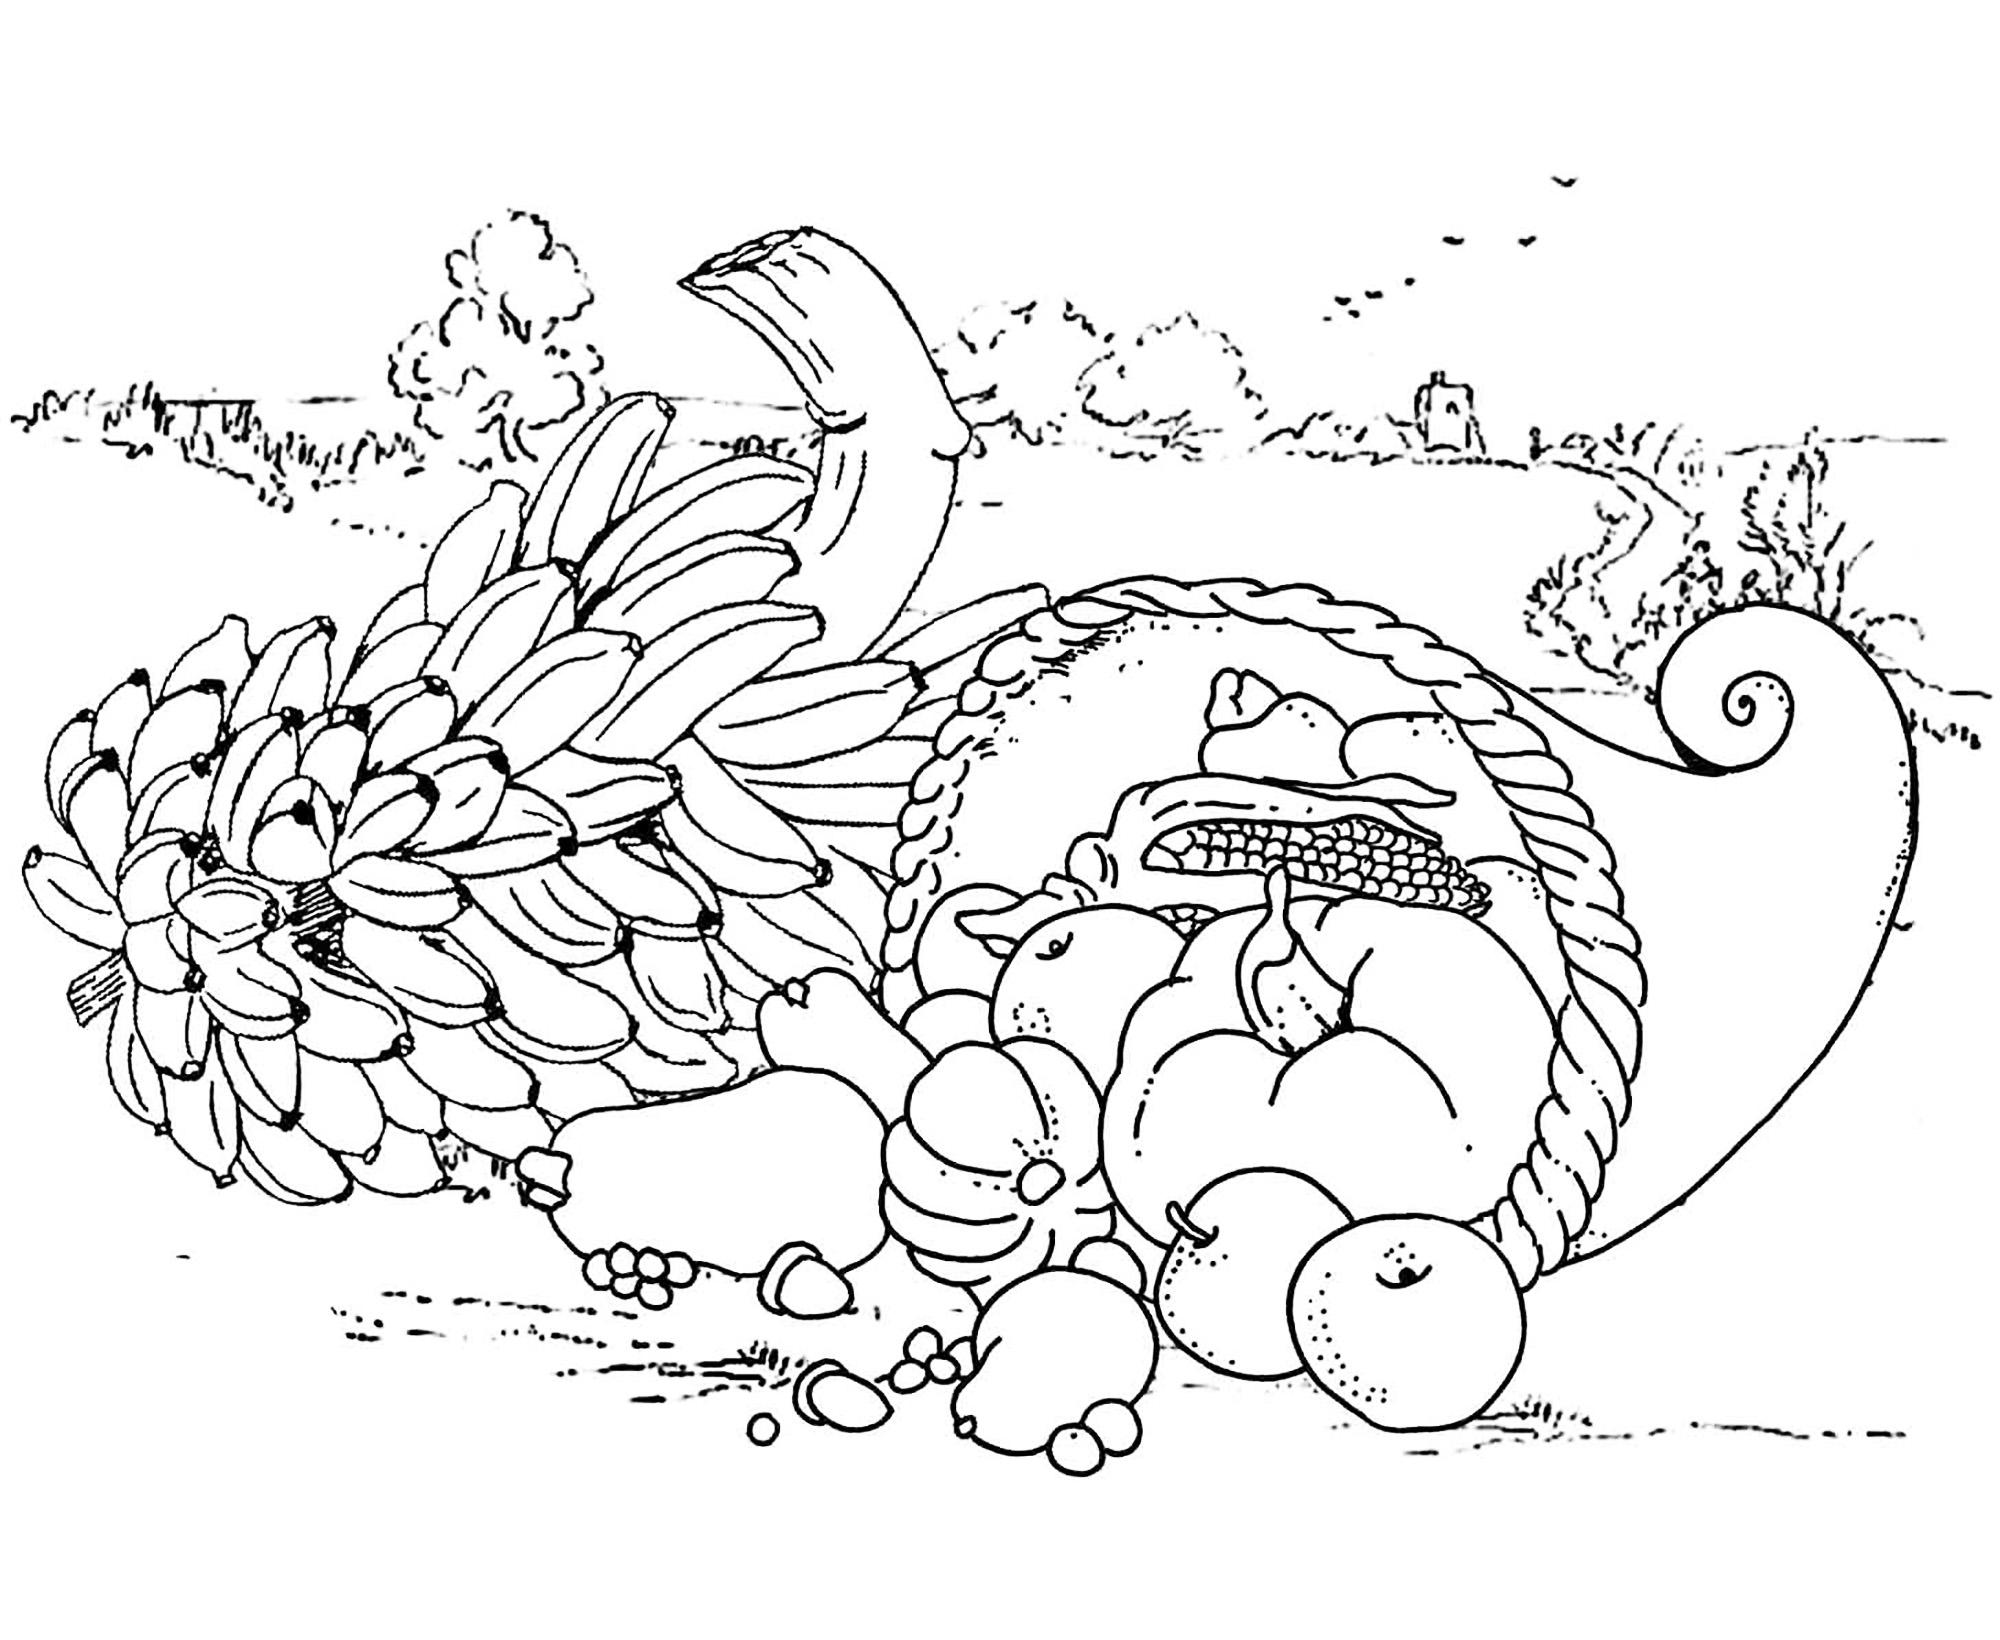 Disegni da colorare per adulti : Thanksgiving - 12